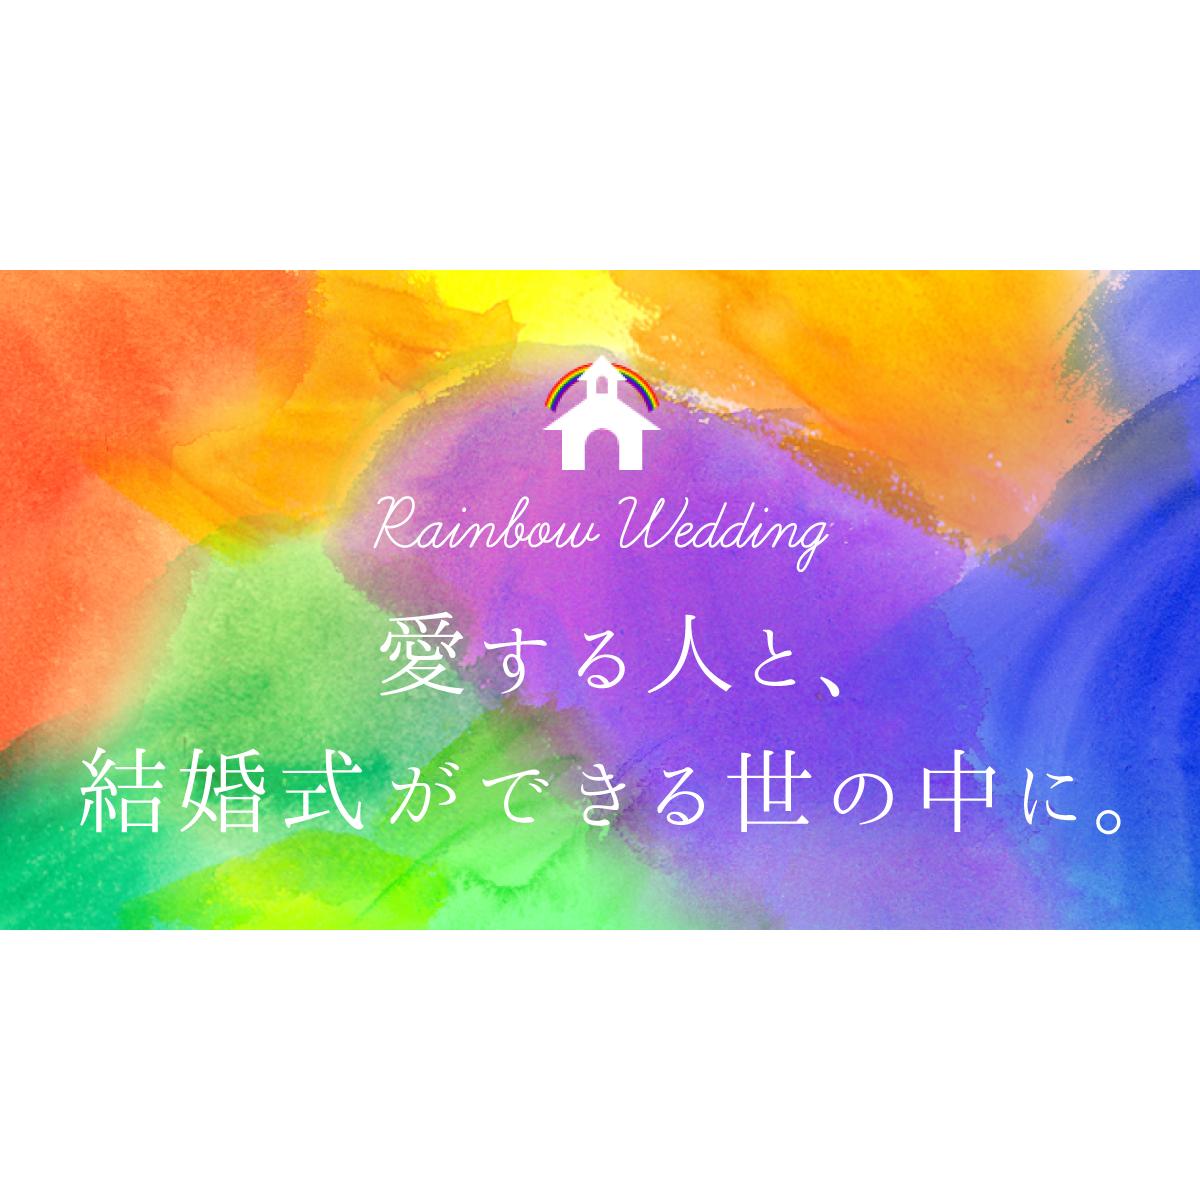 LGBTの方、同性同士で結婚式を挙げたいとお考えのおふたりのために、みんなのウェディングでLGBTフレンドリーな結婚式場を検索できるようになりました!→http://t.co/EpCP8hnGNS #LGBT #セクマイ http://t.co/CbMGNaWEhn